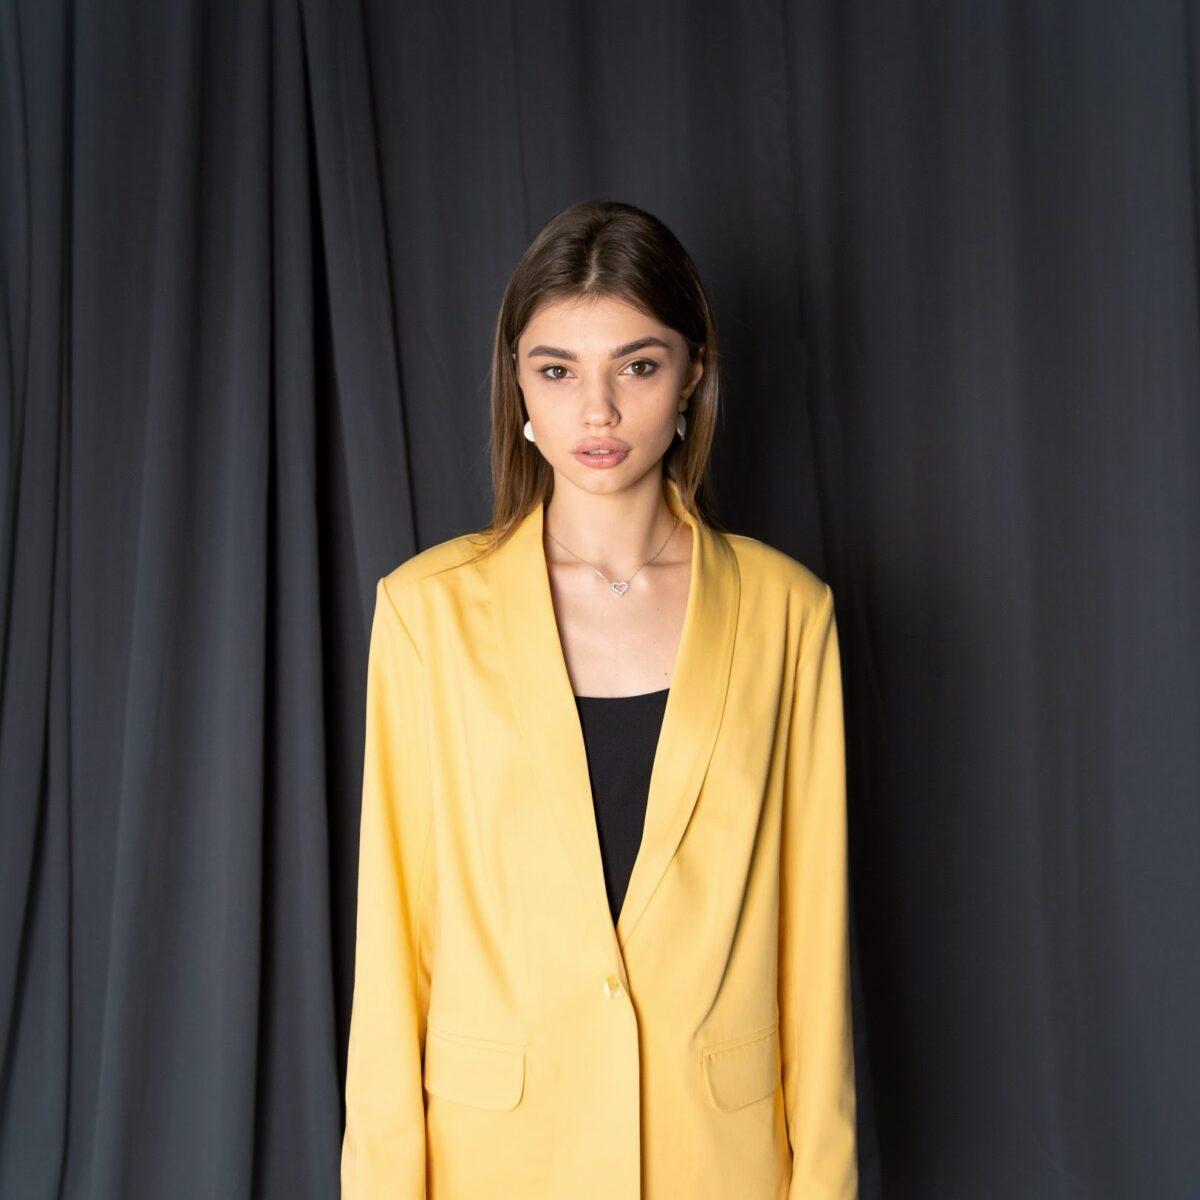 Жакет классический, цвет - желтый